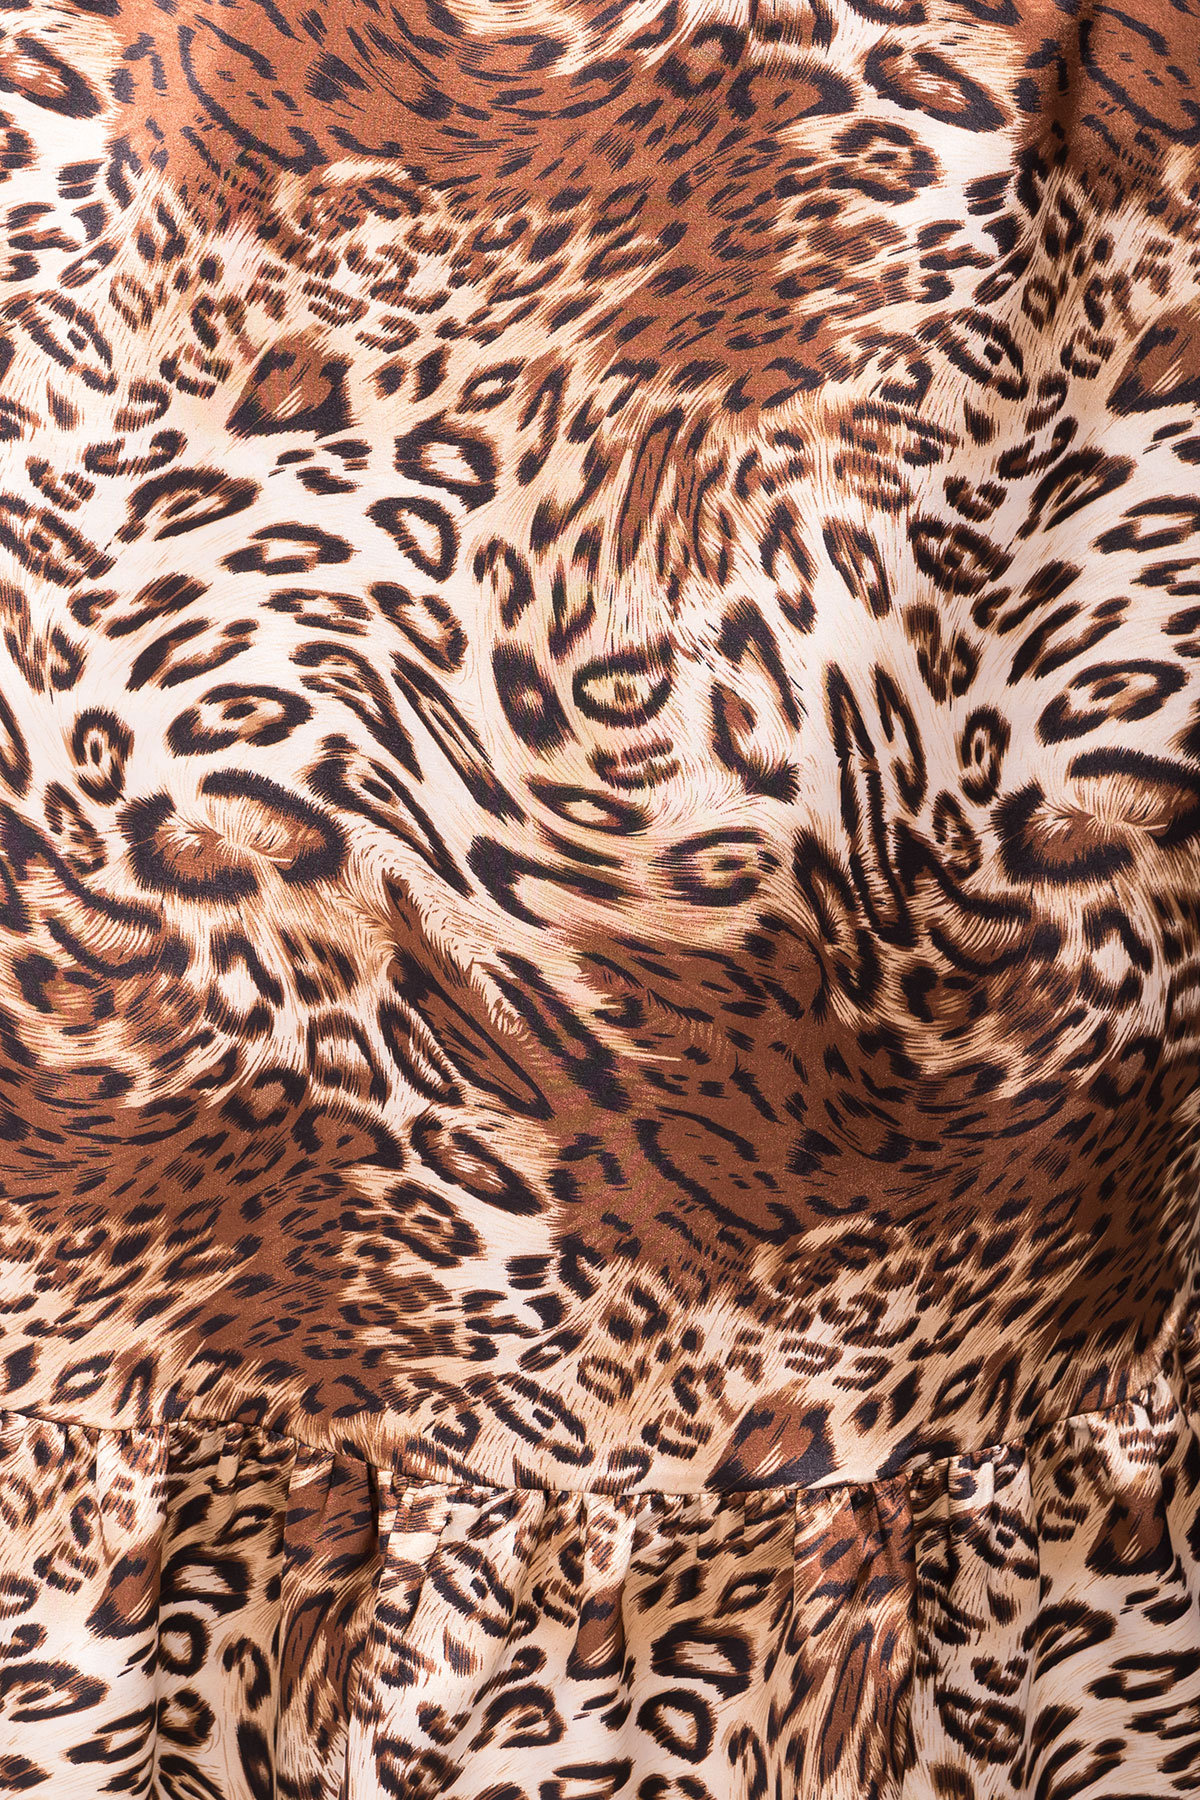 Платье Патрисия 6986 АРТ. 42520 Цвет: Леопард бежевый/черный - фото 4, интернет магазин tm-modus.ru